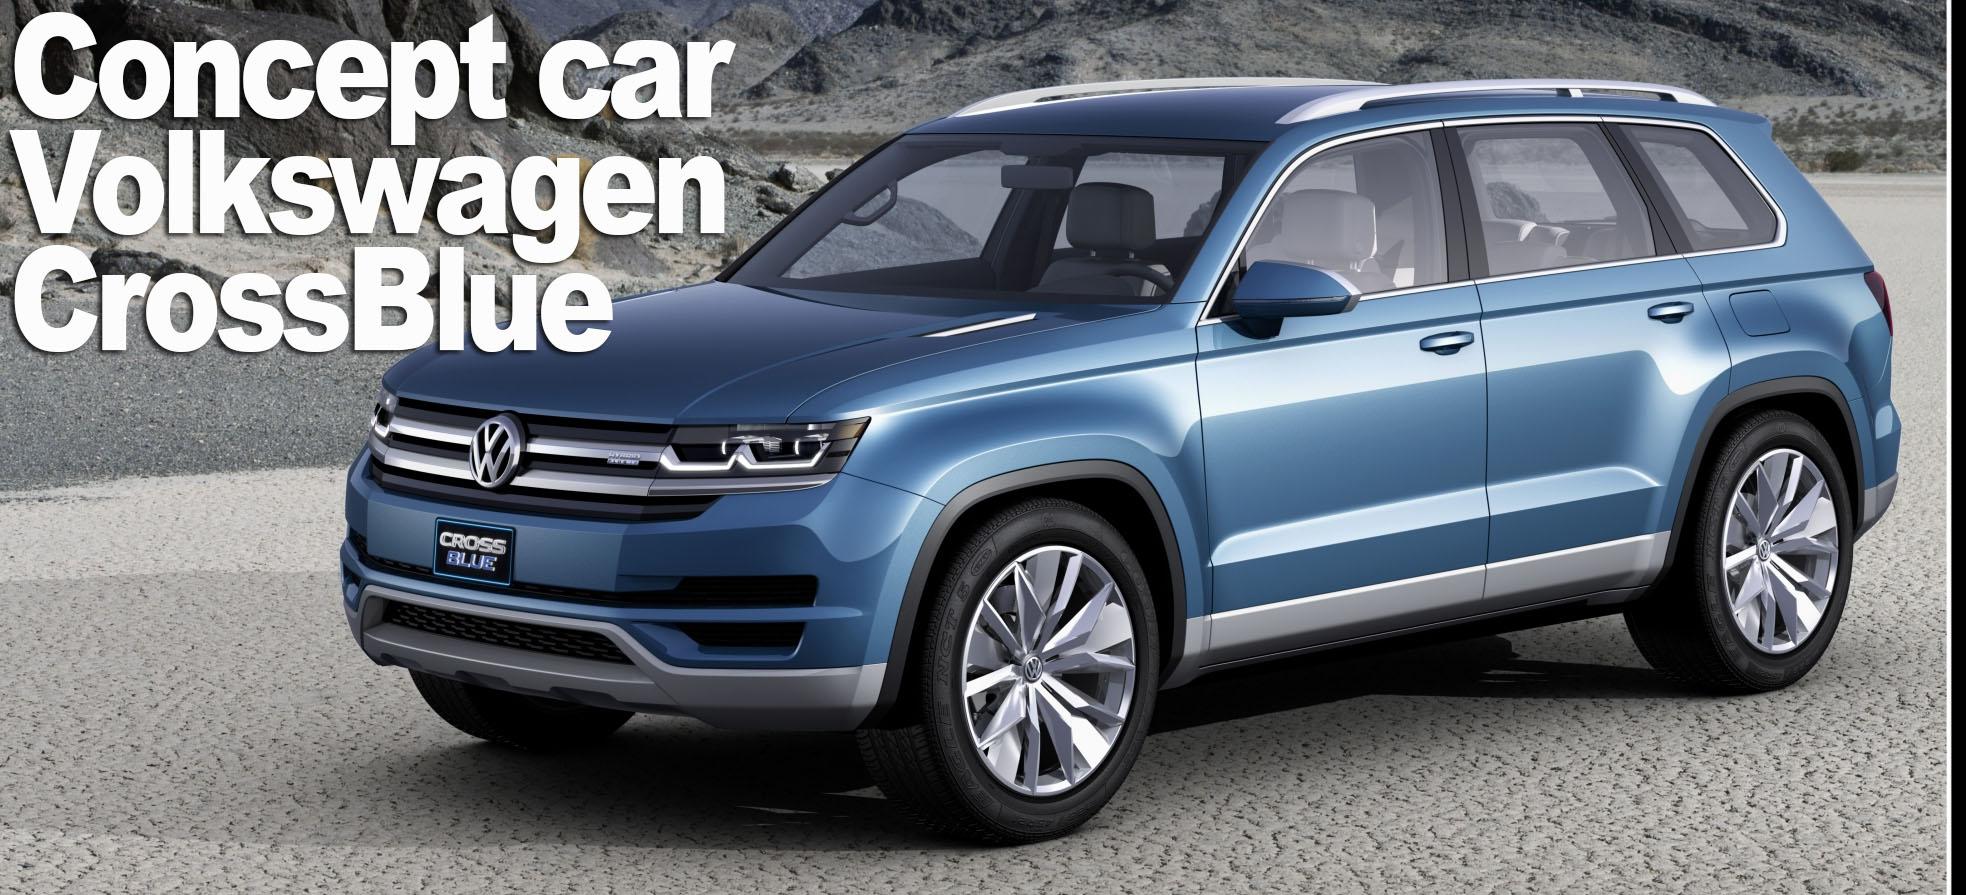 CrossBlue SUV Volkswagen